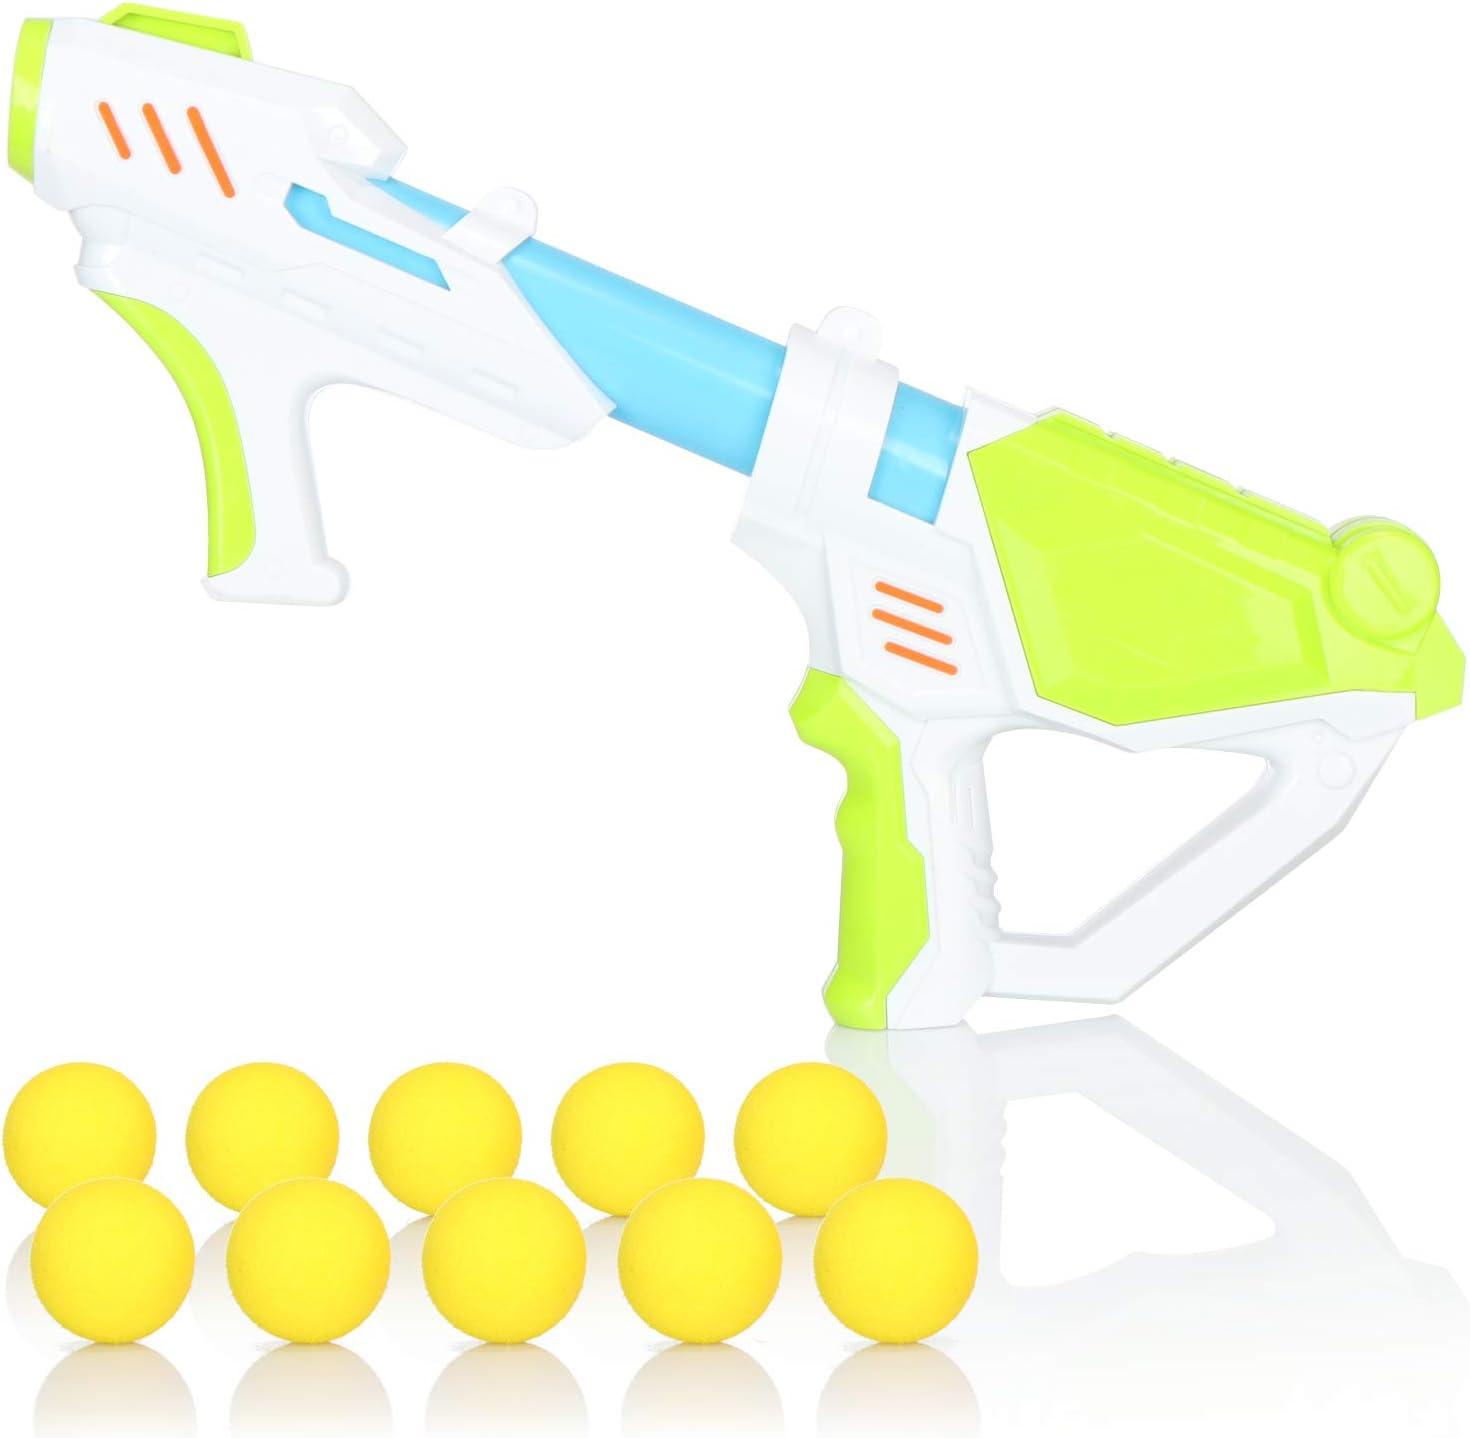 com-four® Pistola de Pelotas - Pistola de Pelotas de Espuma - Pistola de Juguete con Pelotas Blandas - Pistola de Juguete con Mecanismo de Bomba de Aire comprimido (01 Piezas - Blanco/Verde)